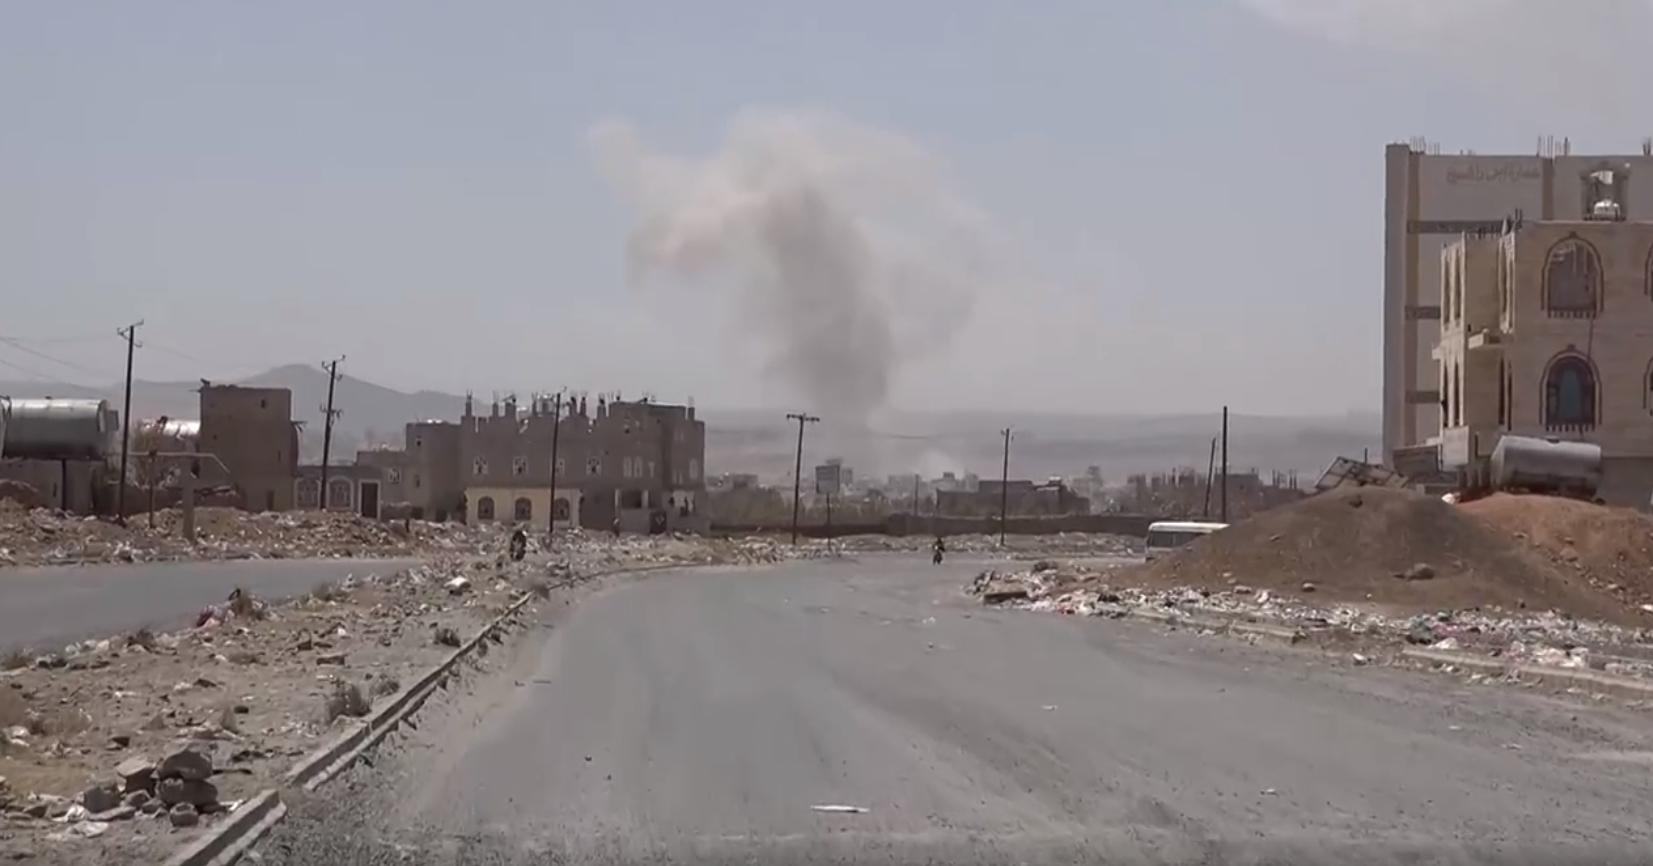 غارات للتحالف السعودي على الحديدة تدمّر أجزاءً من الحجر الصحي الخاص بكورونا